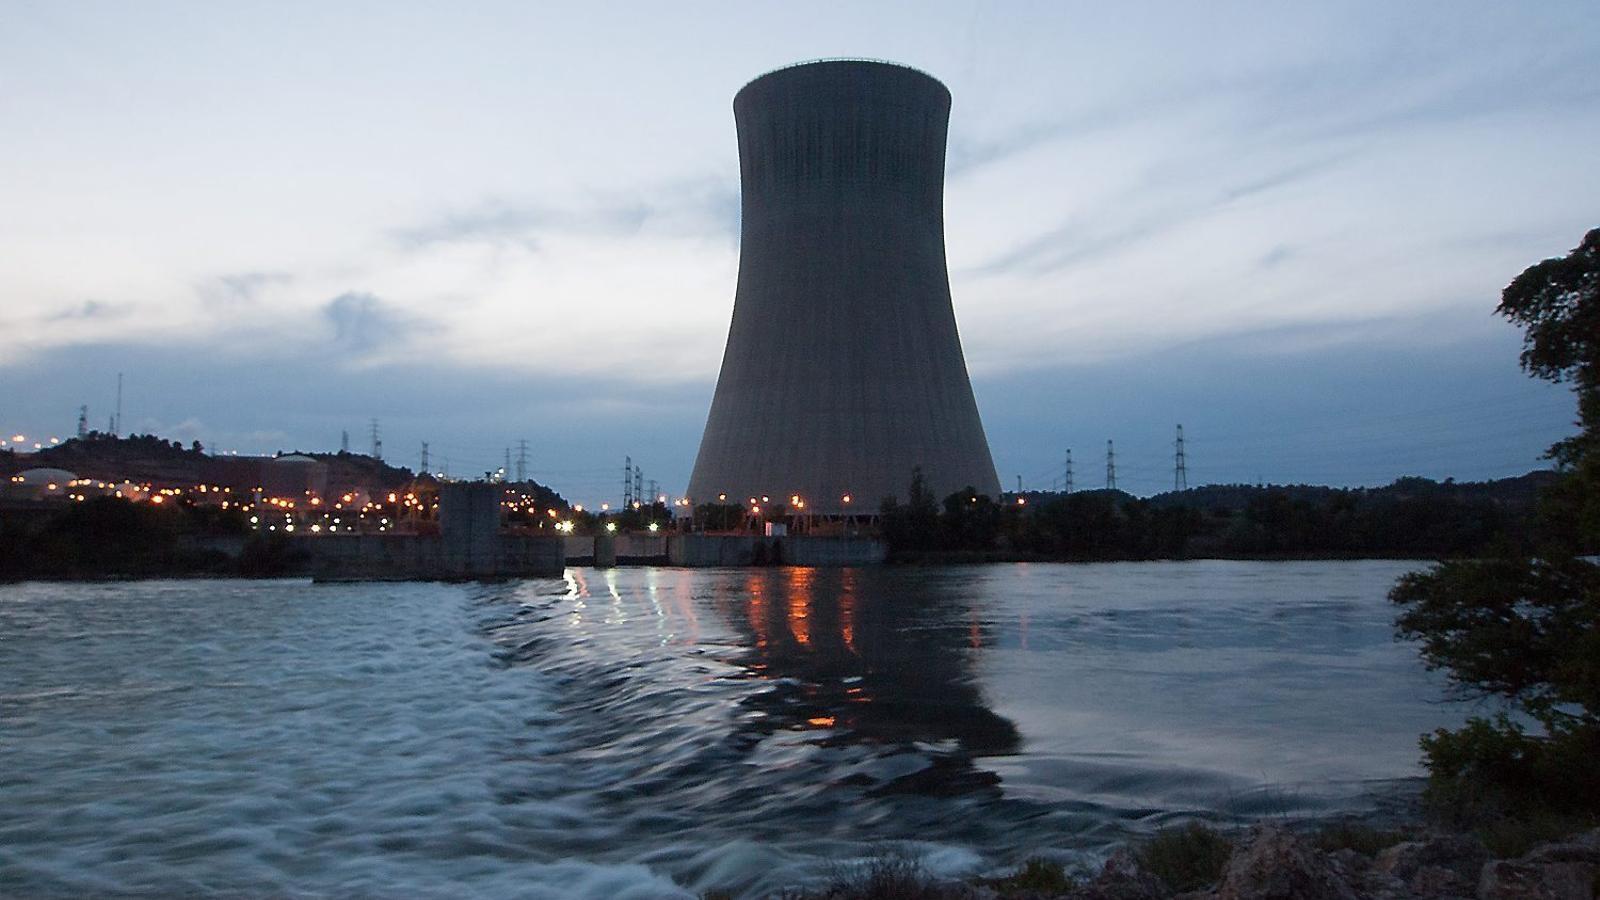 Les centrals d'Ascó, a la imatge, i Vandellòs generen el 50% de l'electricitat catalana.